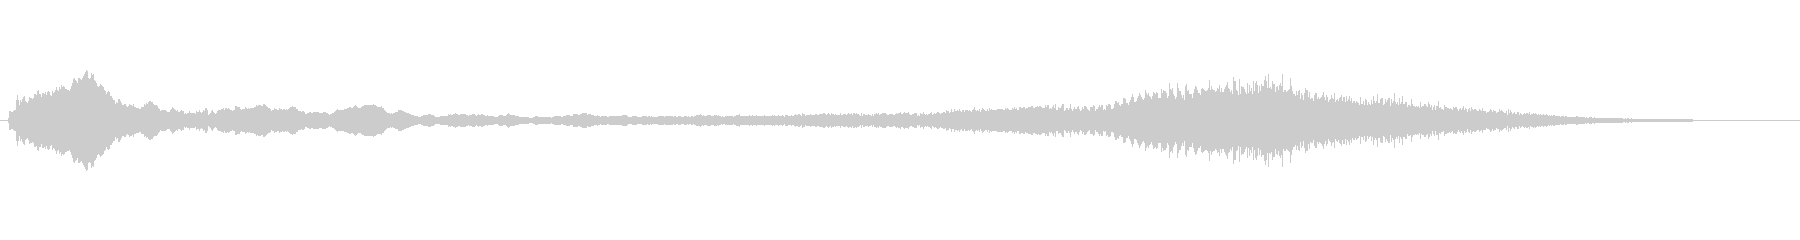 スペースフィードバック、SCI F...の未再生の波形